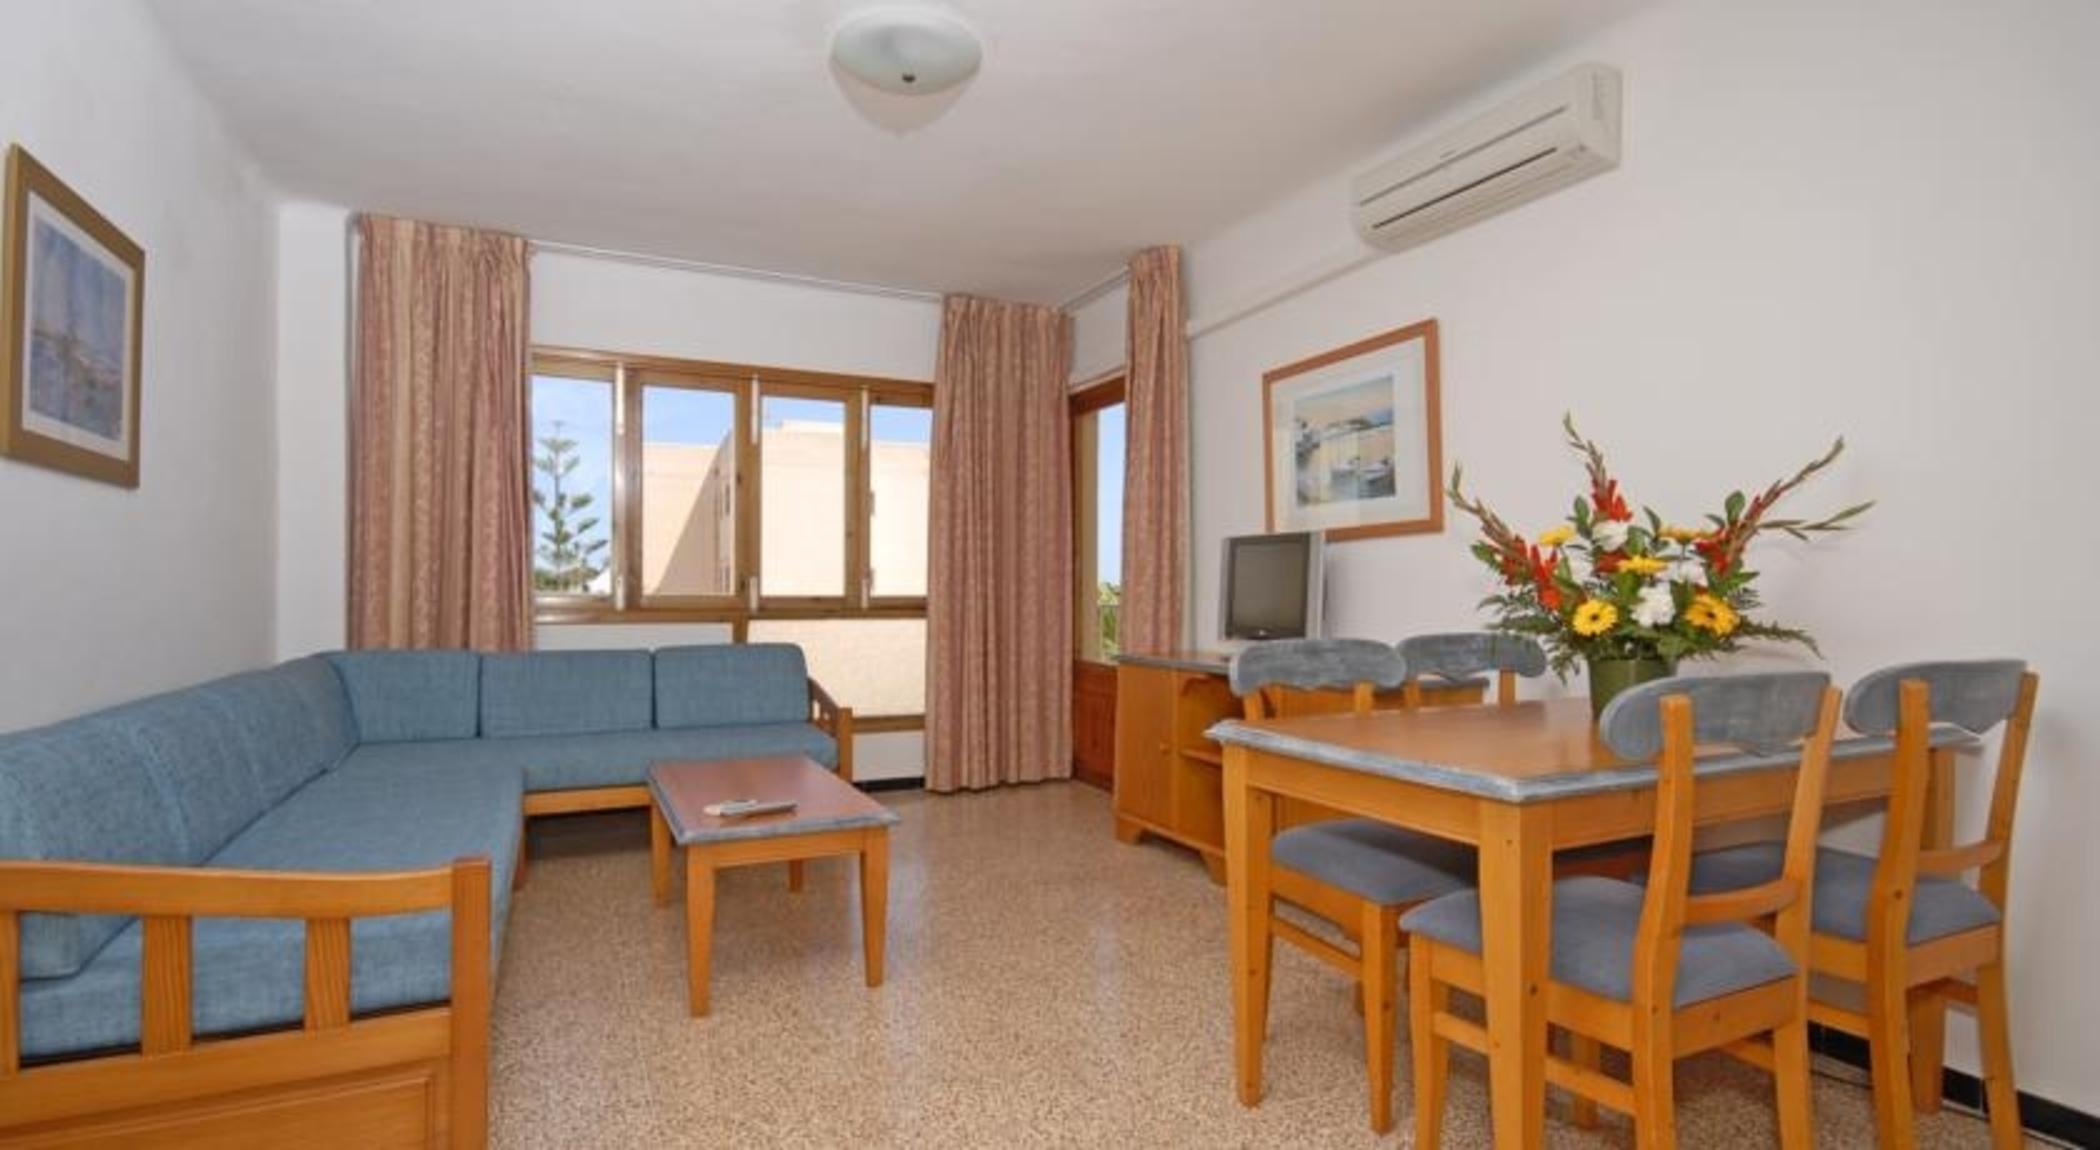 Sol Naixent-Bonaire